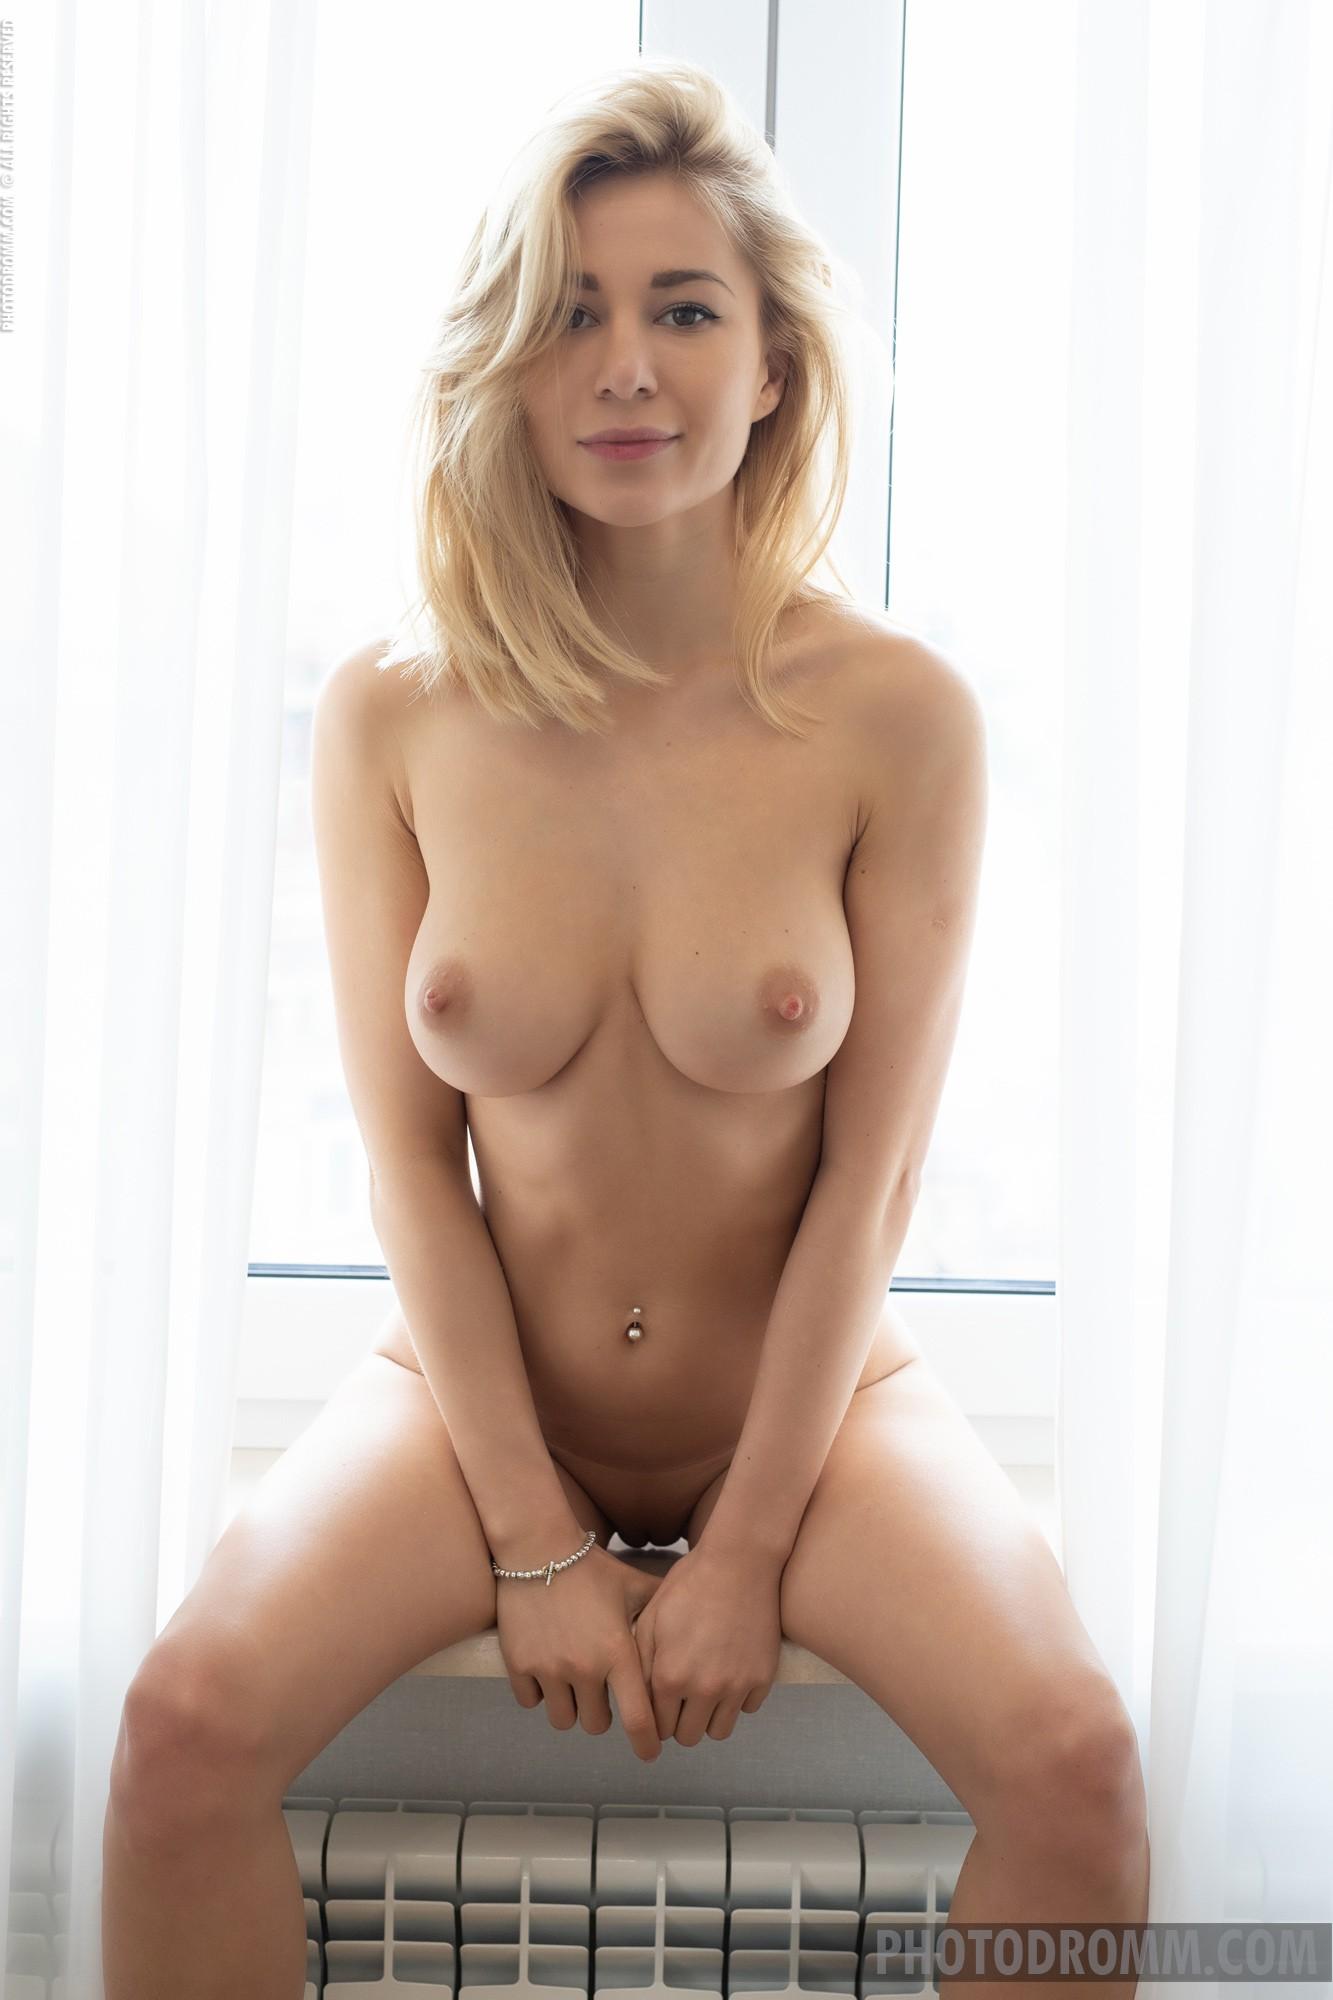 Светловолосая девушка с красивыми сиськами - фото